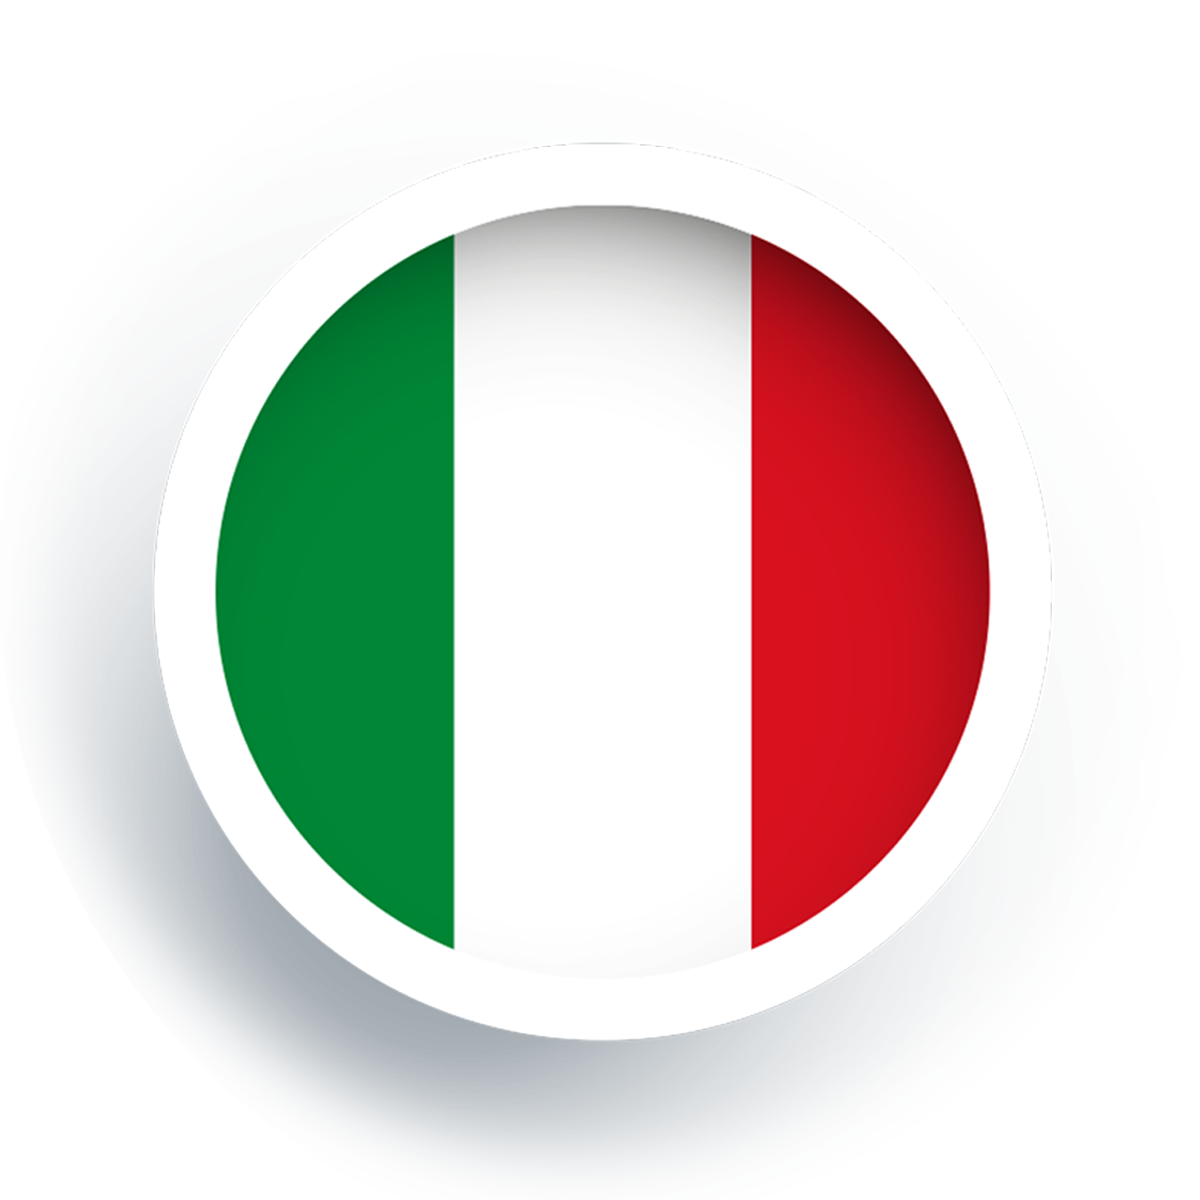 Diğer Yabancı Dil Eğitimleri - İtalyanca Kategori - Amerikan Dili Edebiyatı Yabancı Dil Kursları -